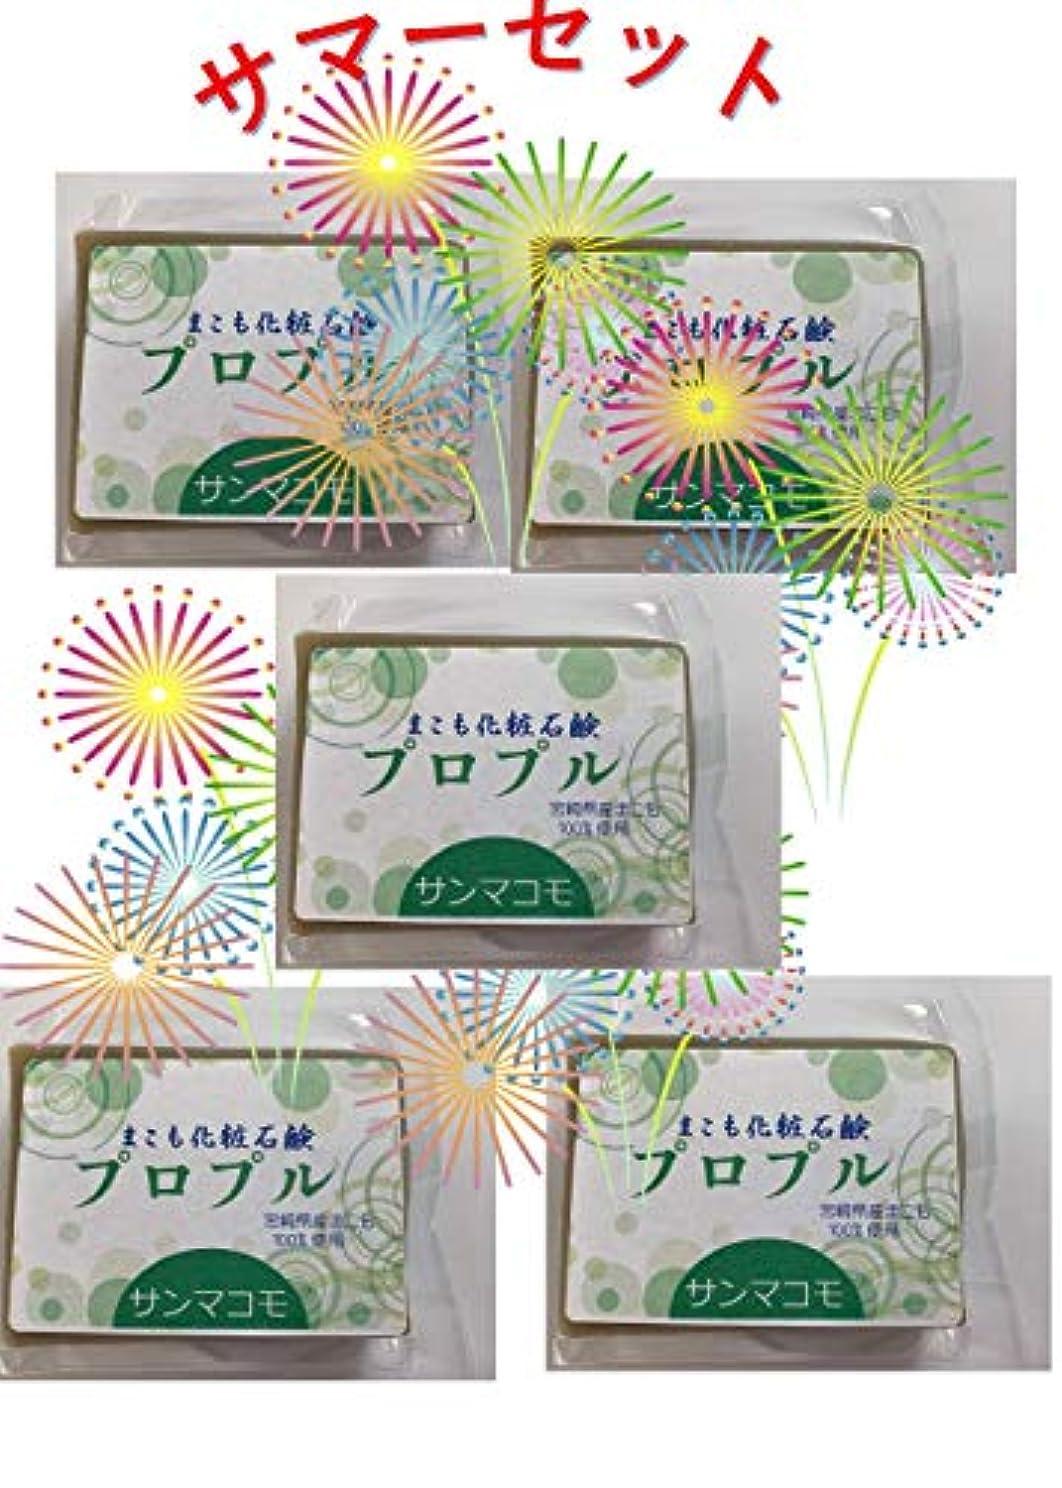 病コンサルタントソケットまこも化粧石鹸 プロプル 90g 5個セット